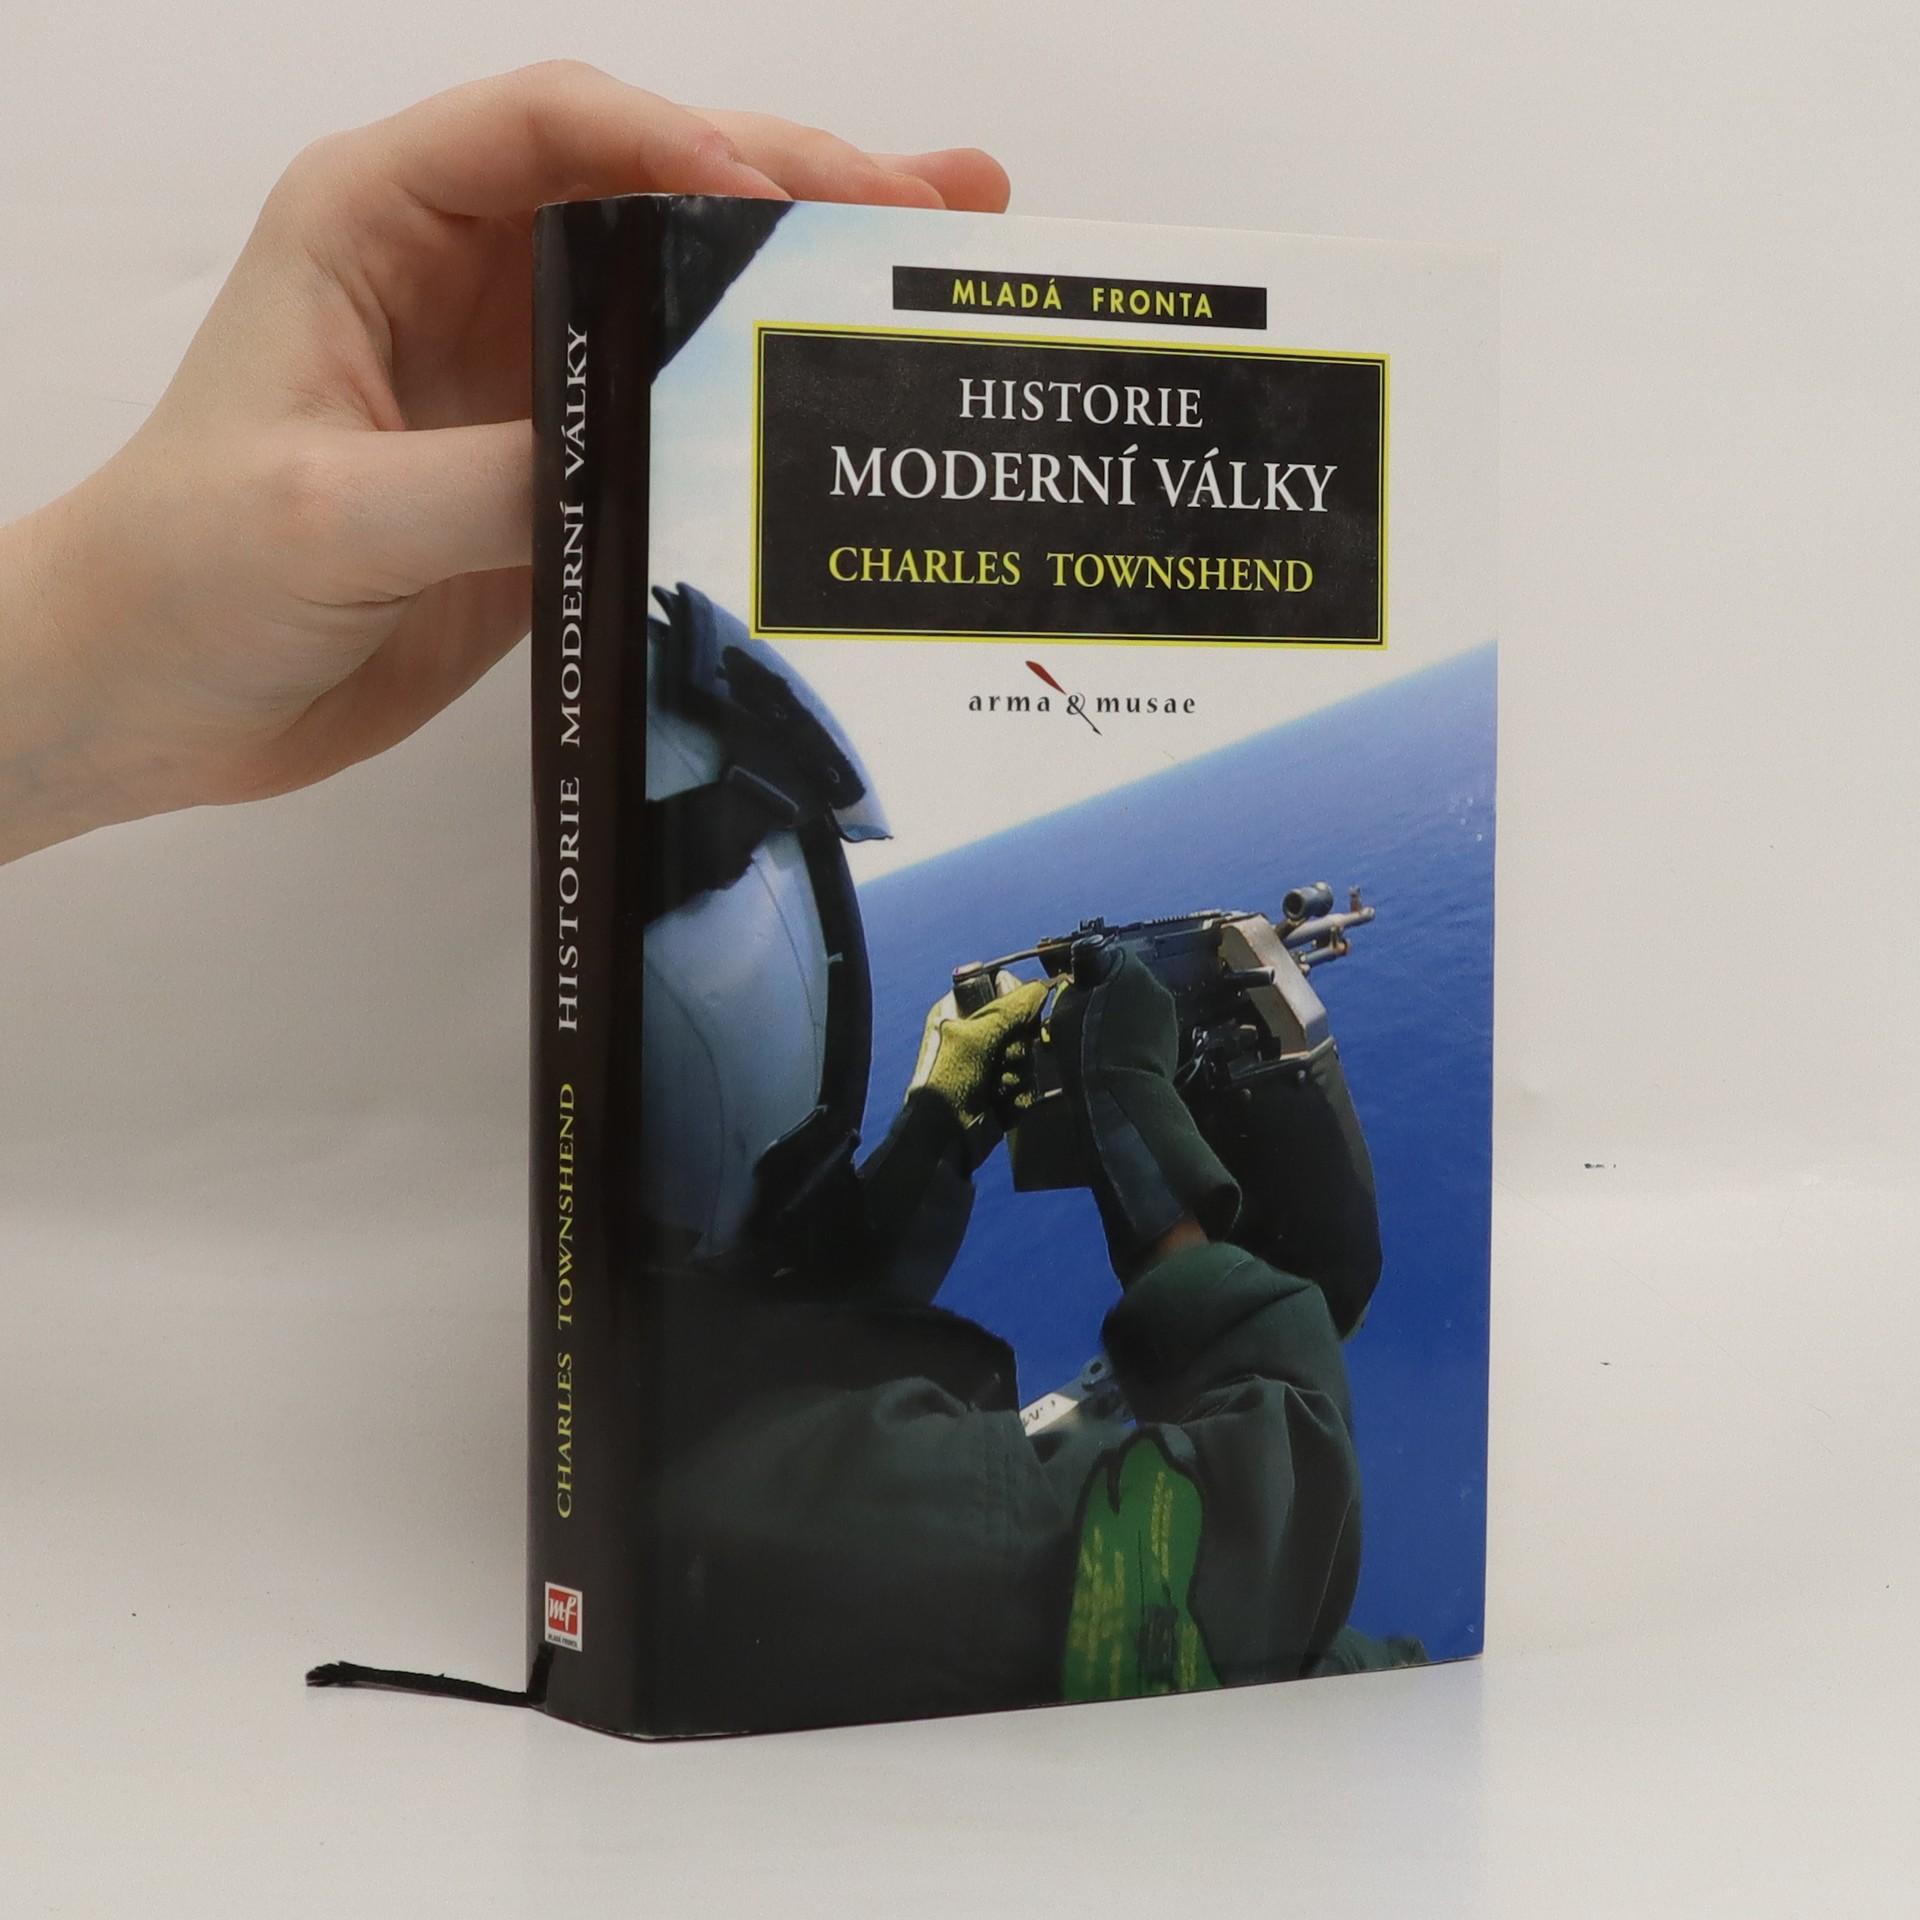 antikvární kniha Historie moderní války, 2007